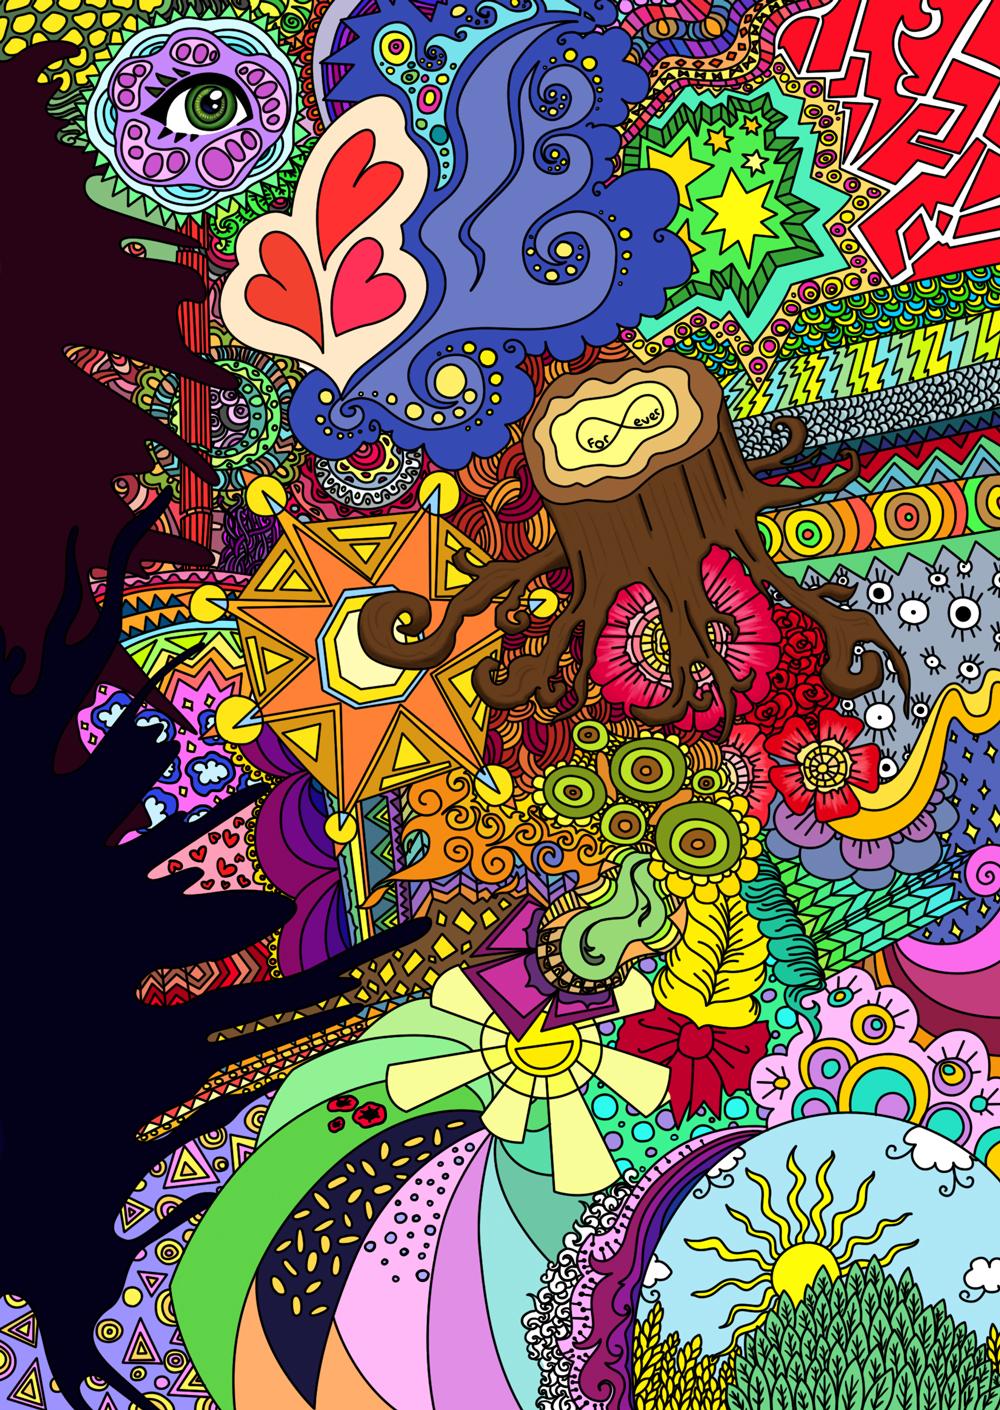 Fresque-ThisIsLove